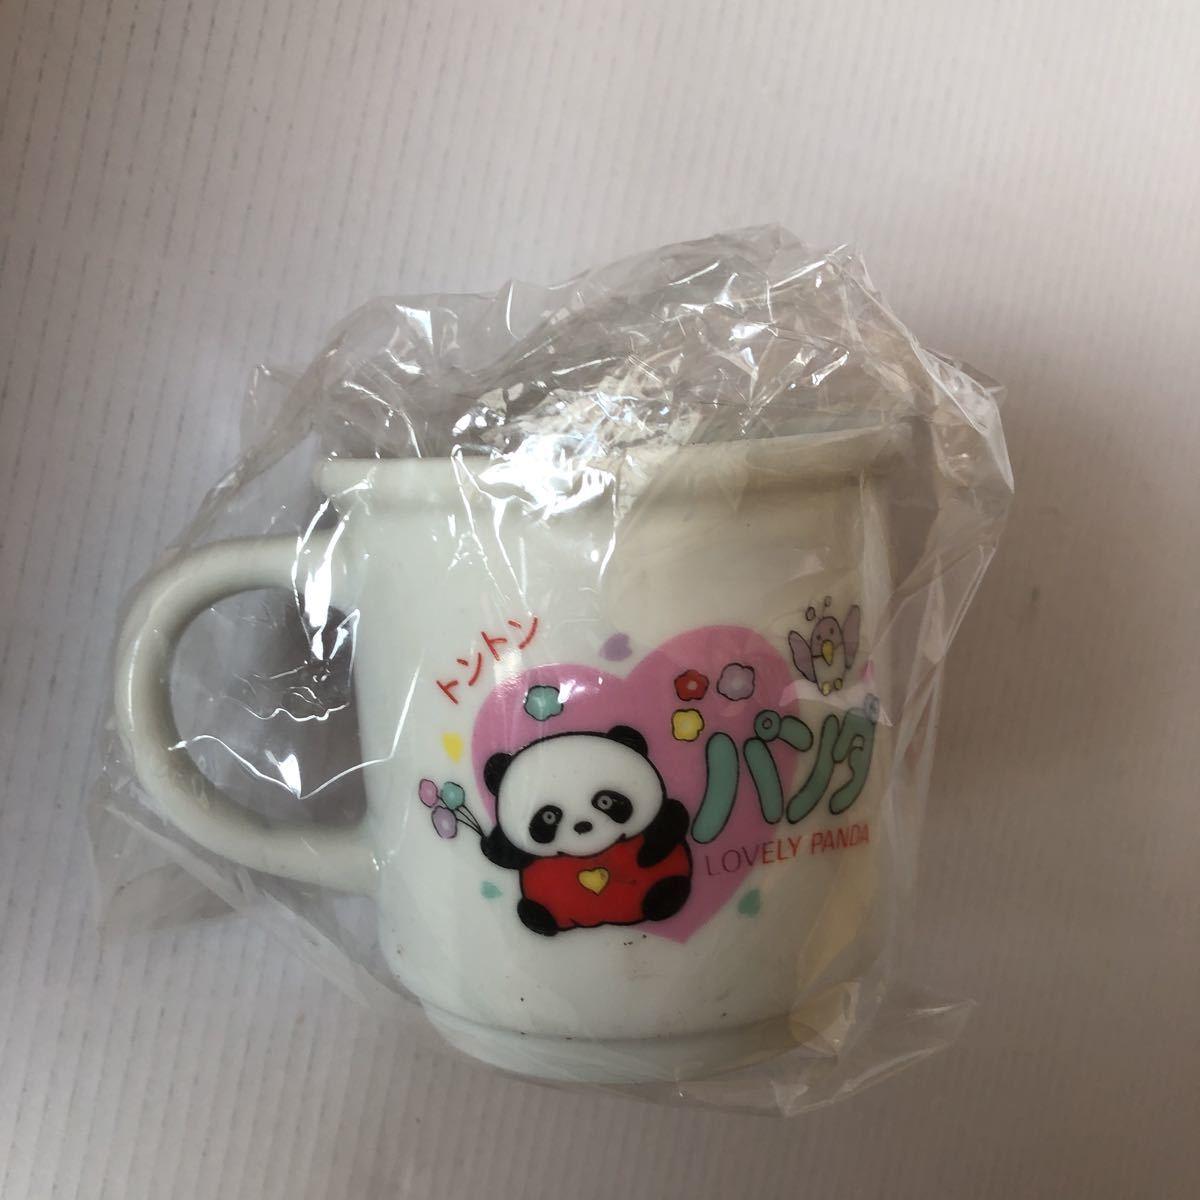 トントン パンダの親子 陶器 コップ マグカップ LOVELY PANDA Shunquen 昭和レトロ アンティーク_画像2